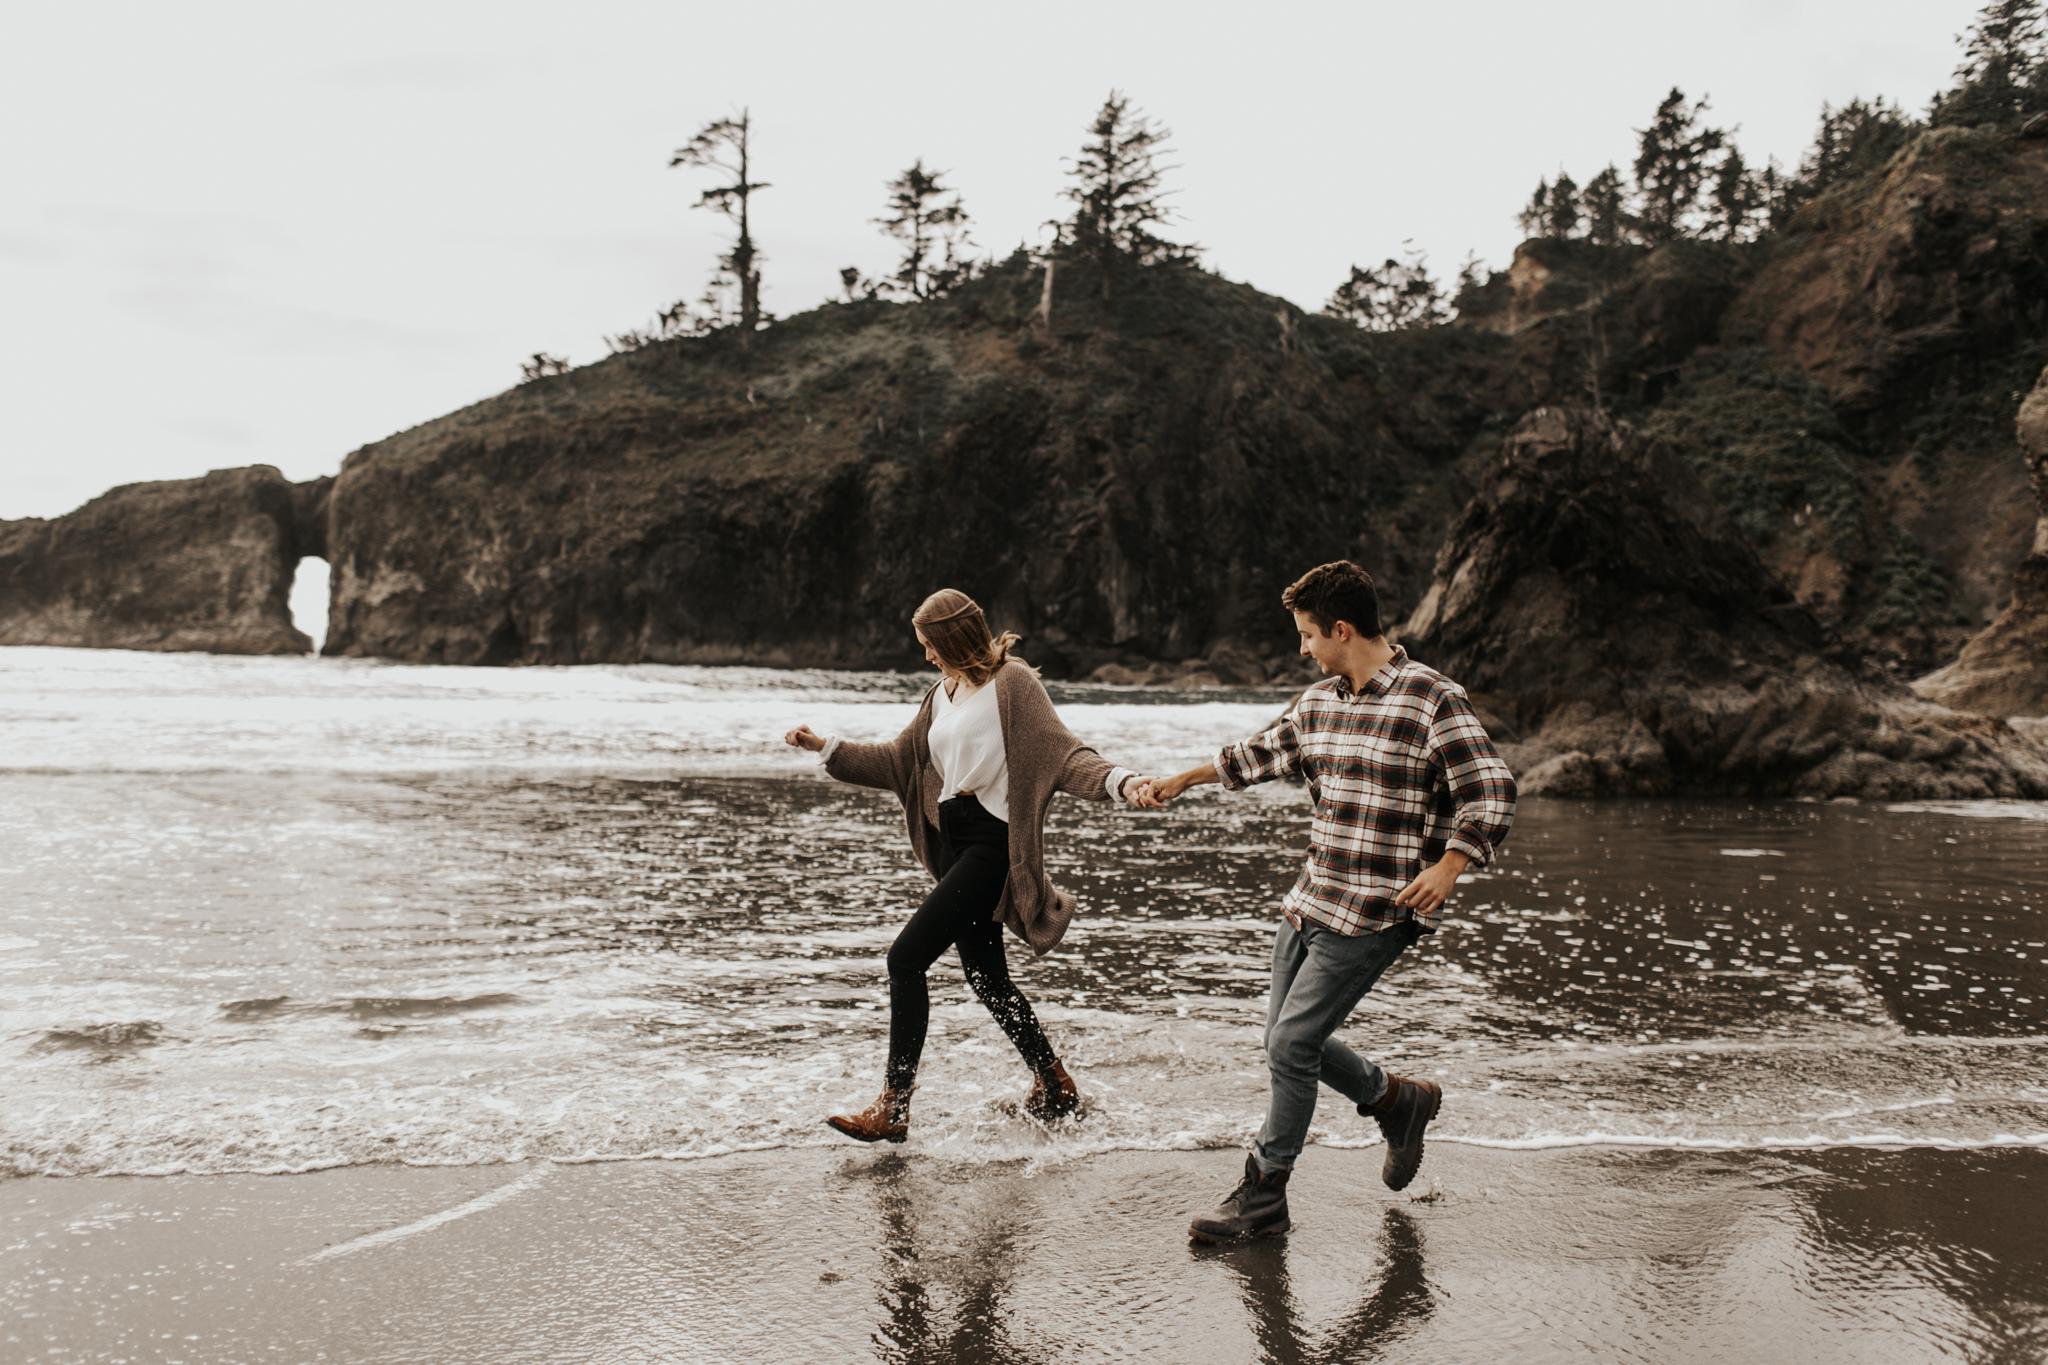 La_Push_Washington_Coast_Engagement-16.jpg